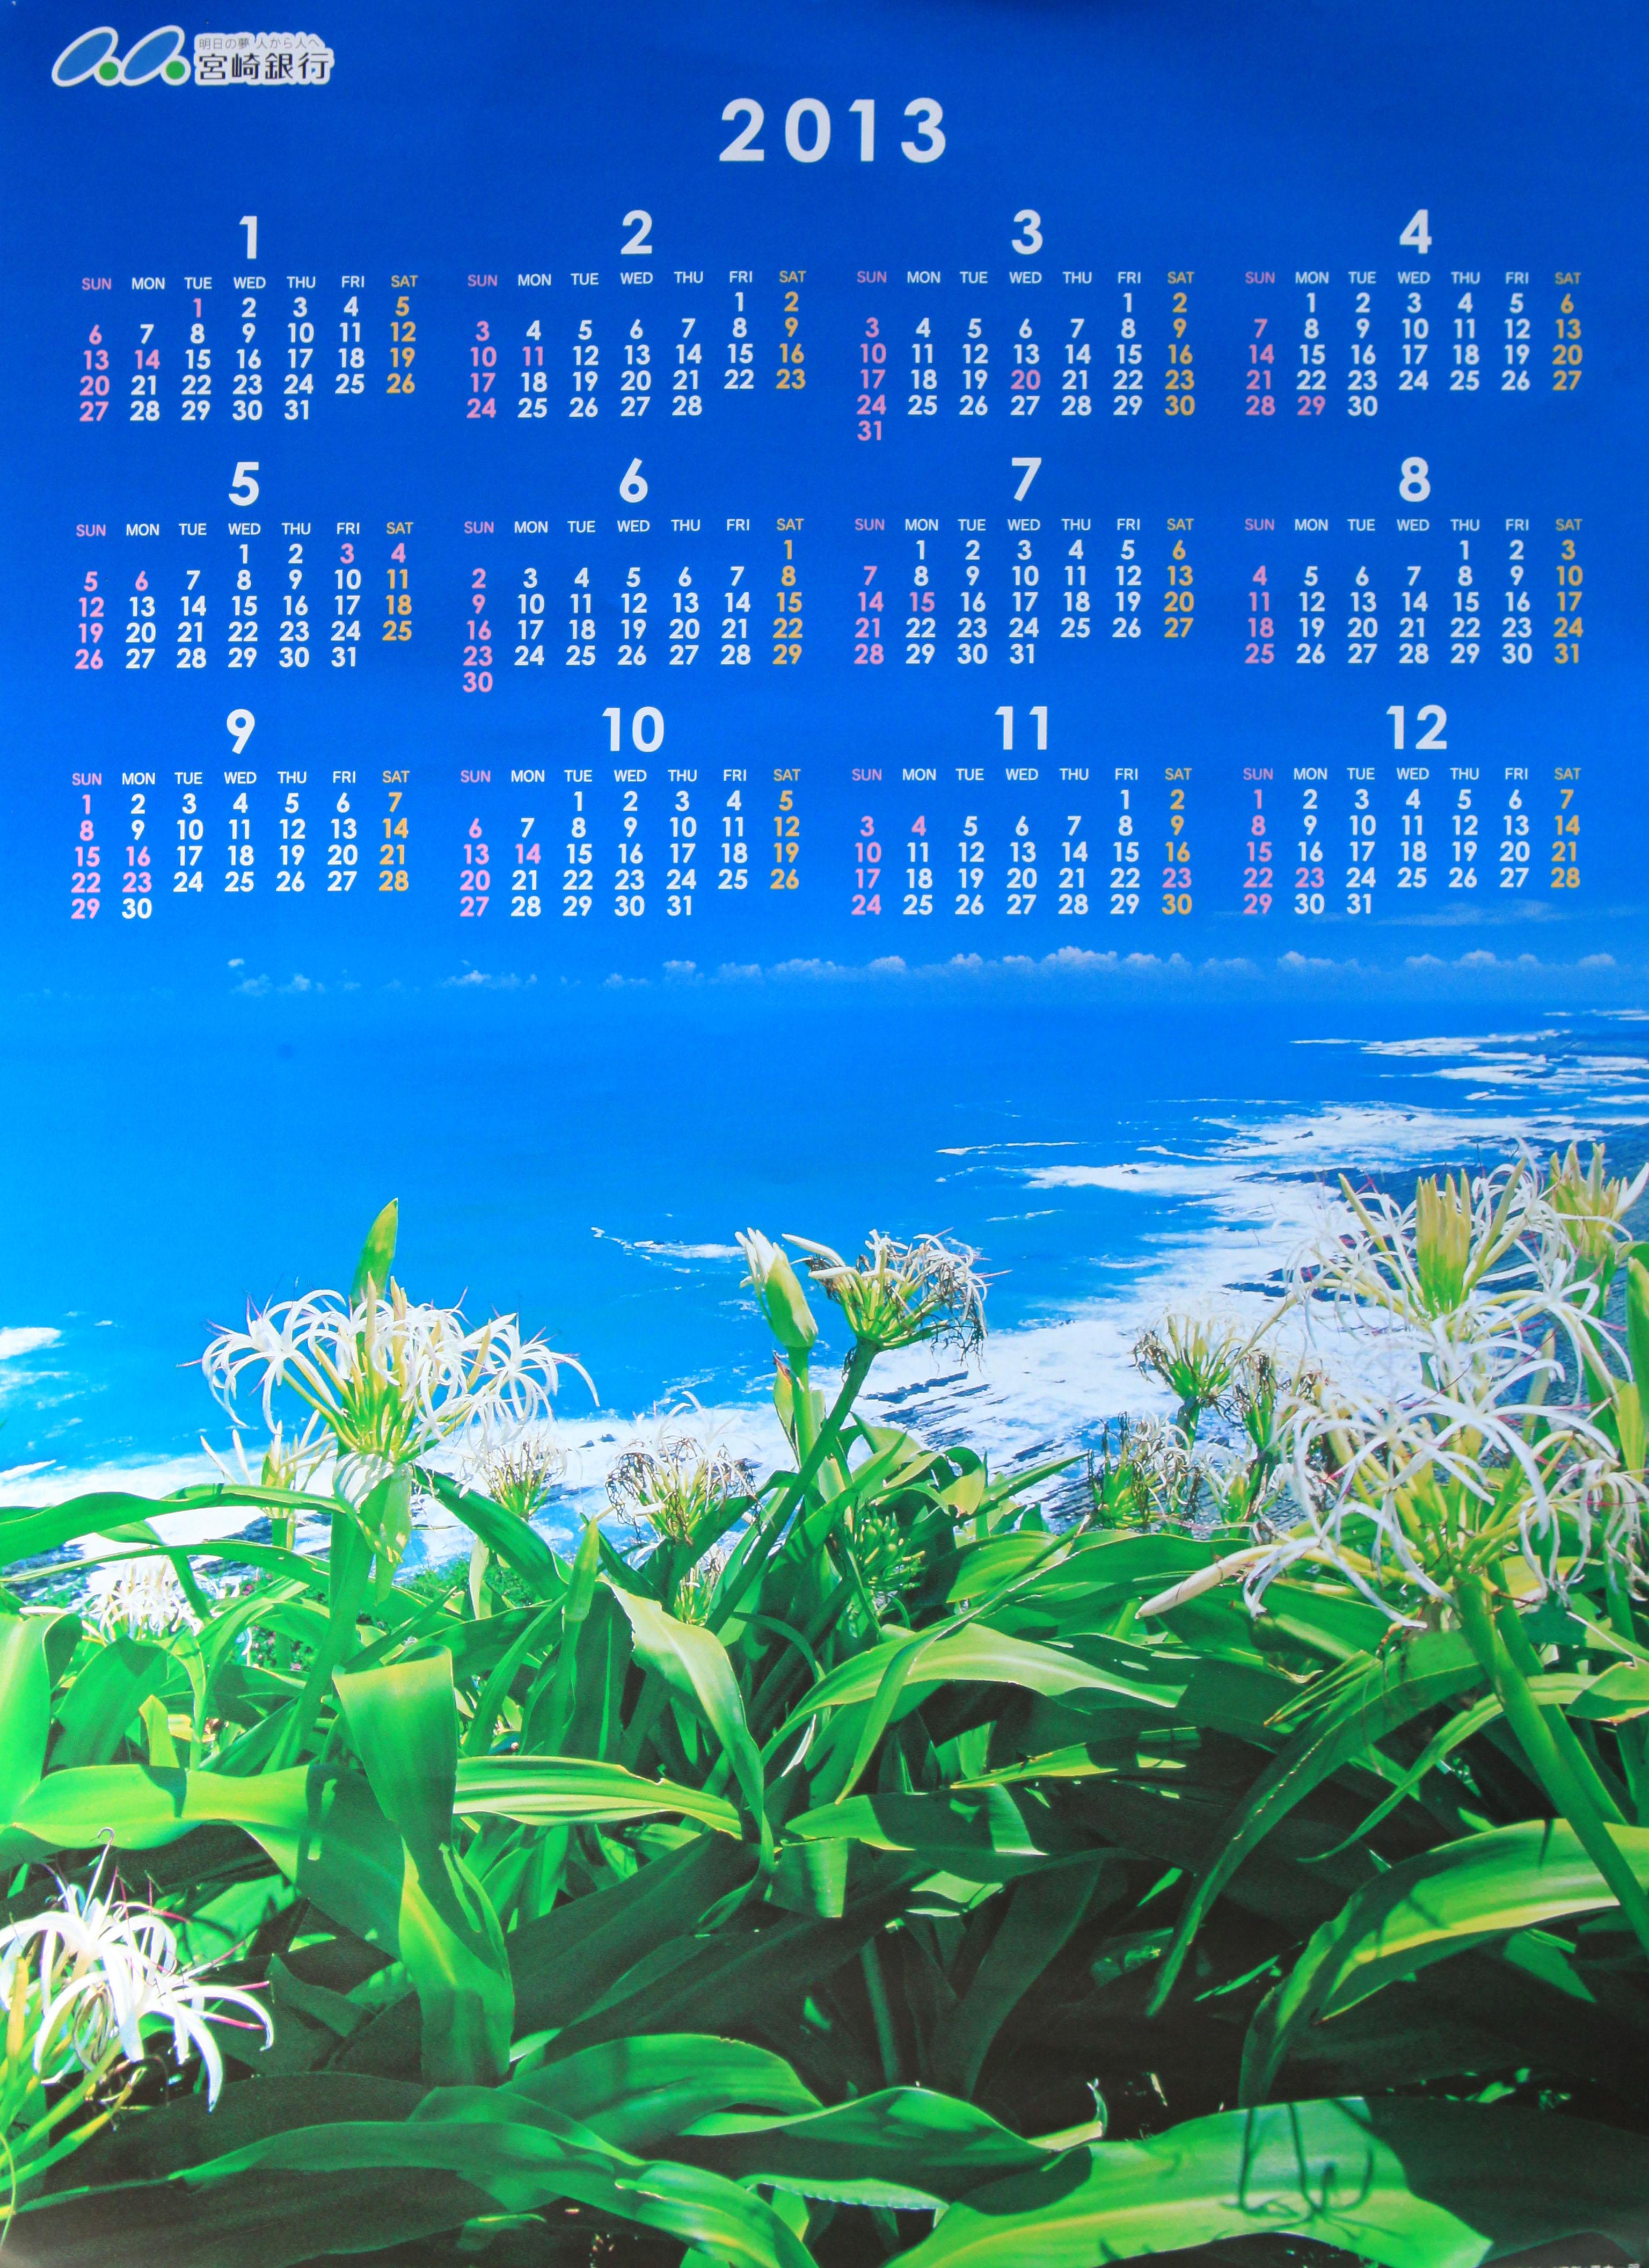 2013宮崎銀行カレンダー